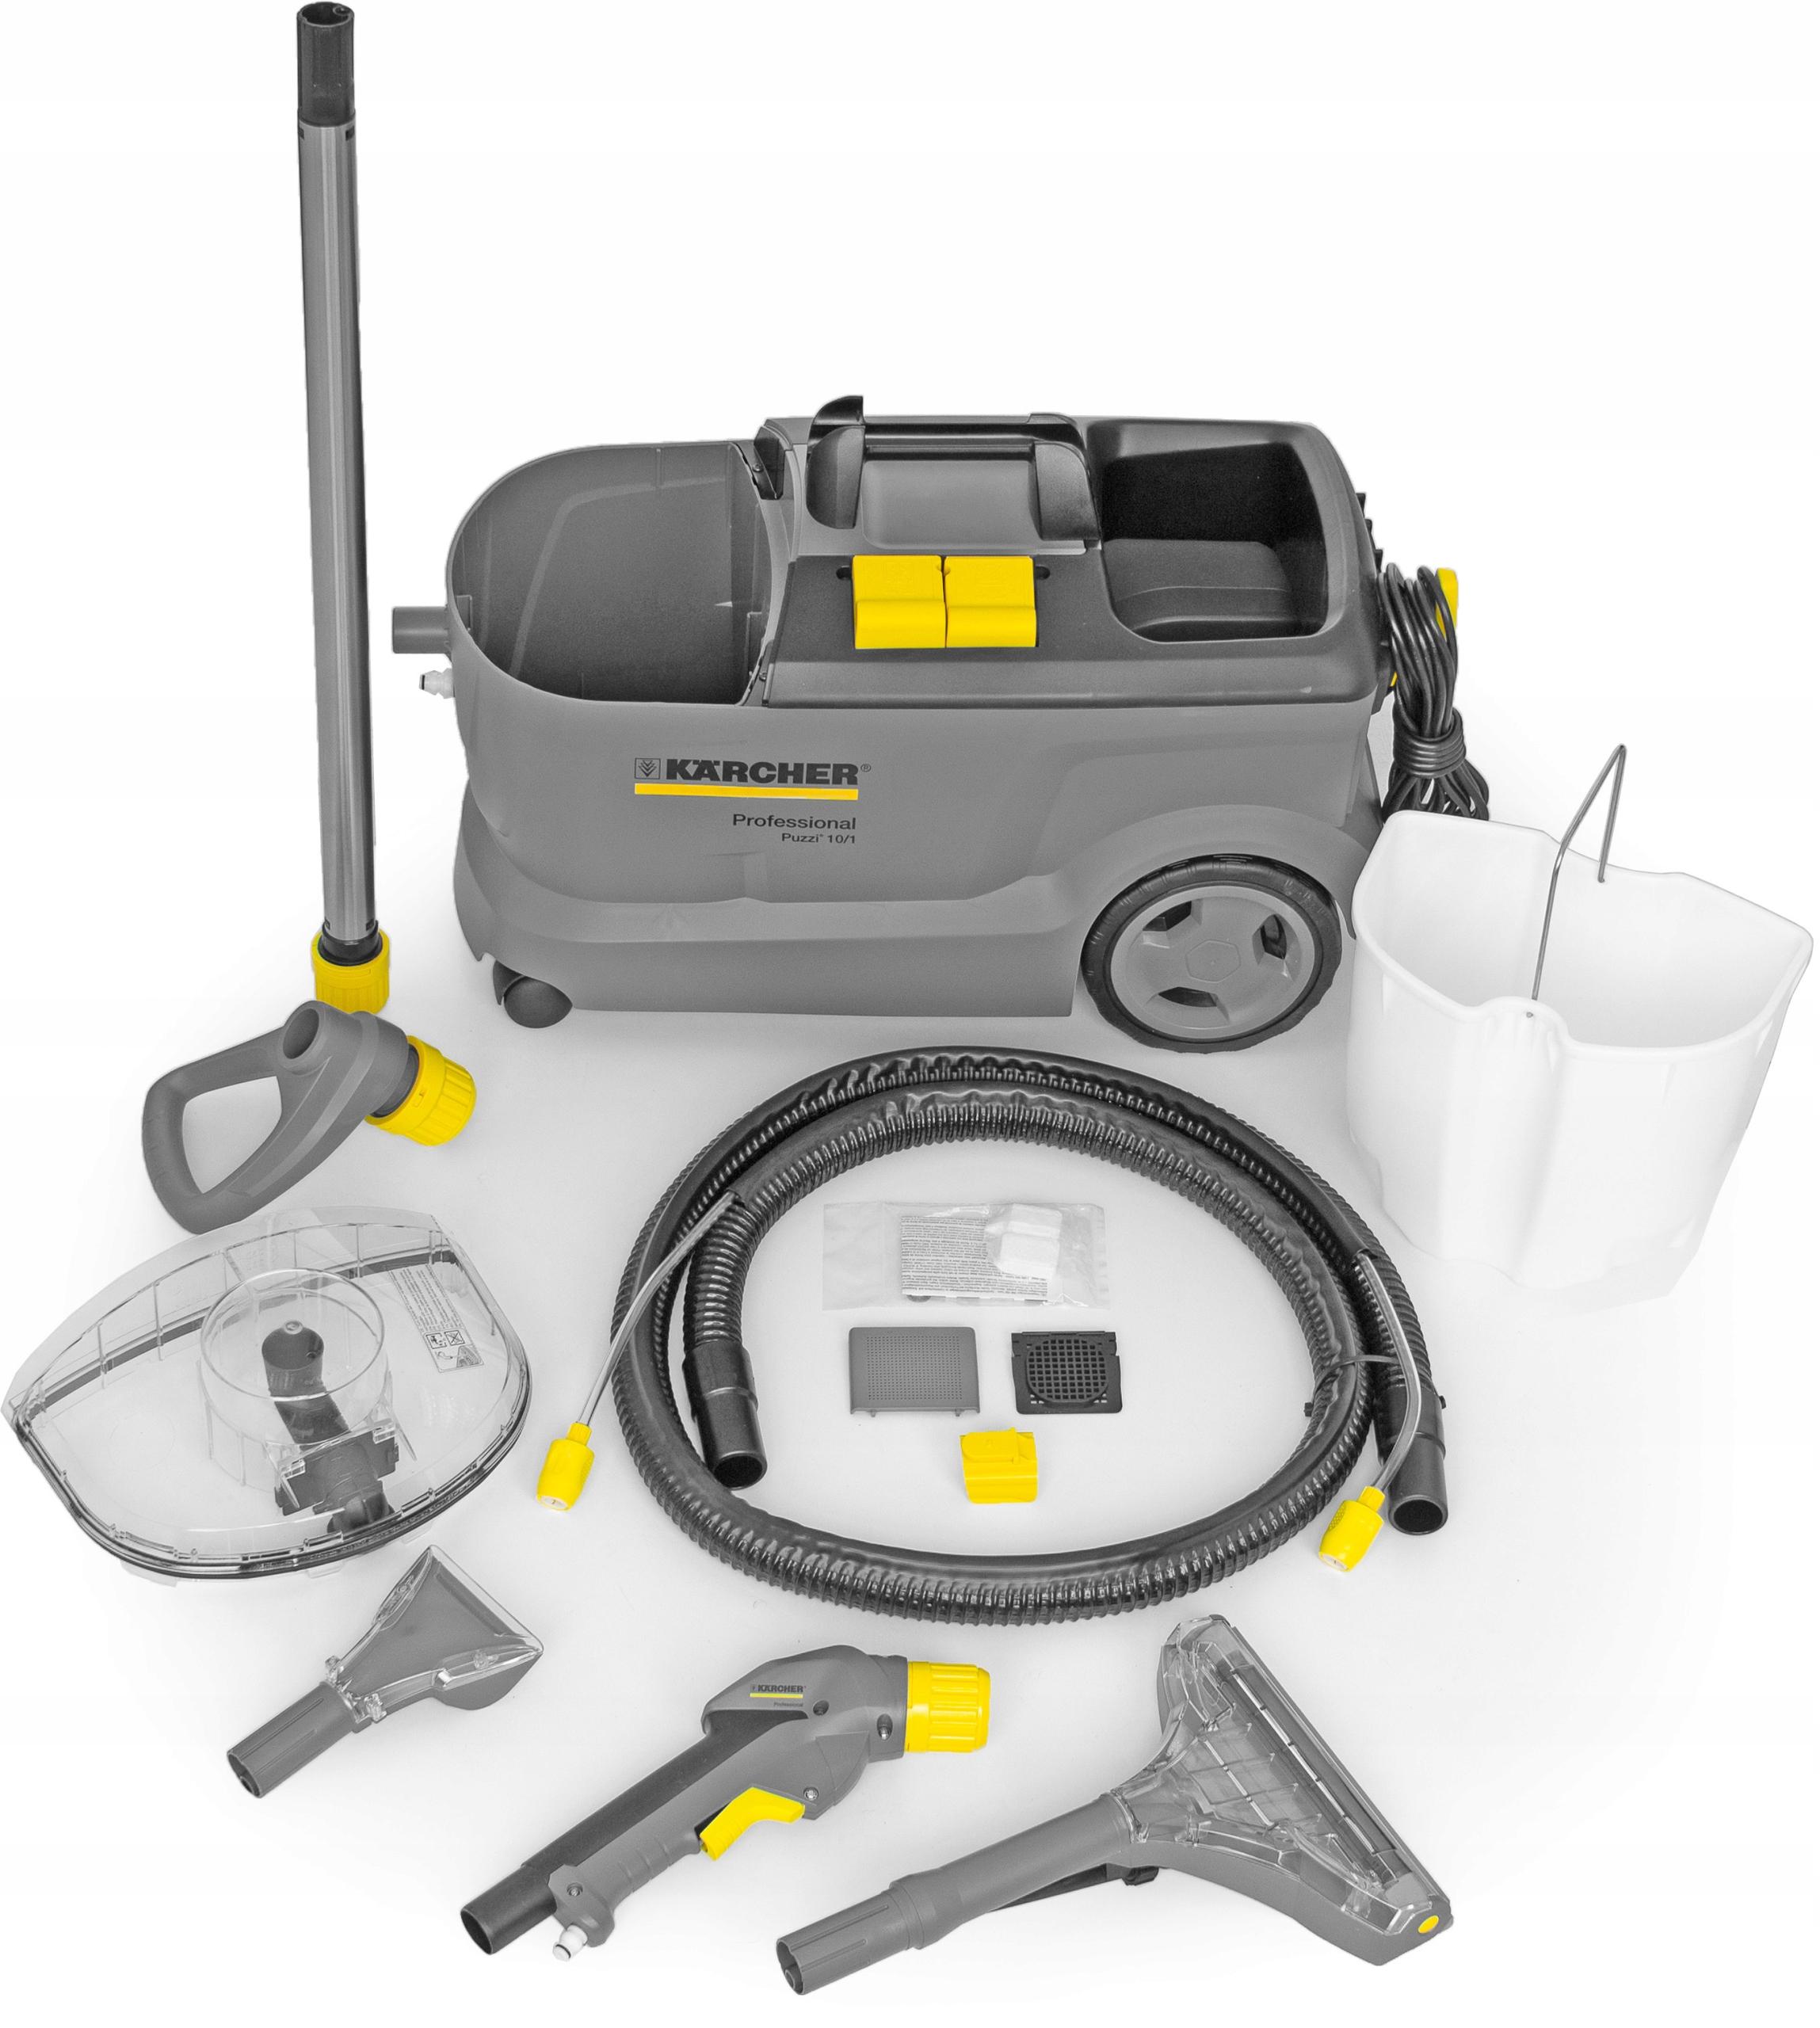 Топ-7 строительных пылесосов без мешка: лучшие предложения на рынке + советы по выбору